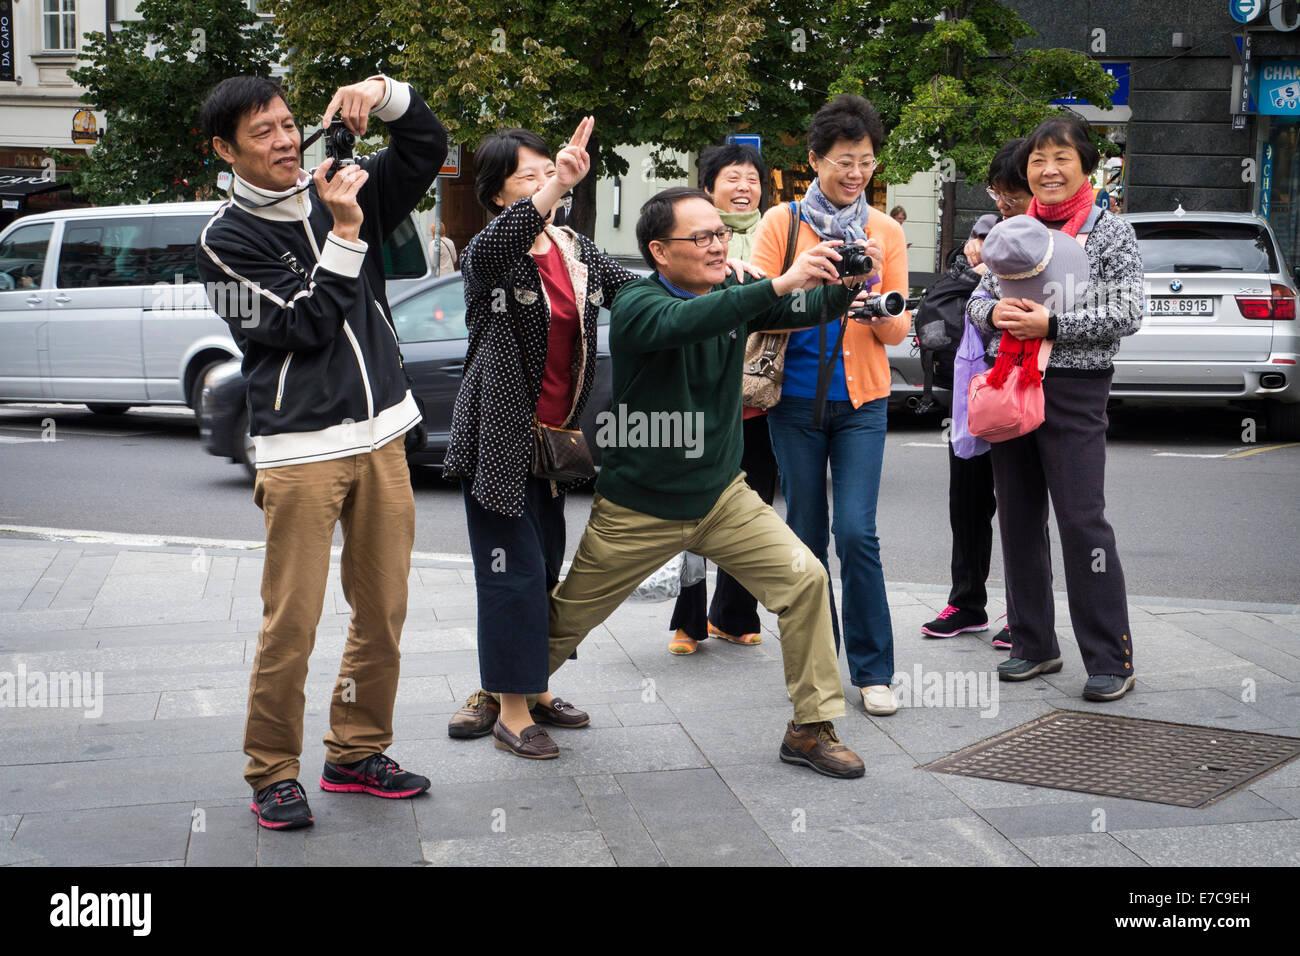 Asiatische Touristen fotografieren auf dem Wenzelsplatz in Prag, Tschechische Republik Stockbild